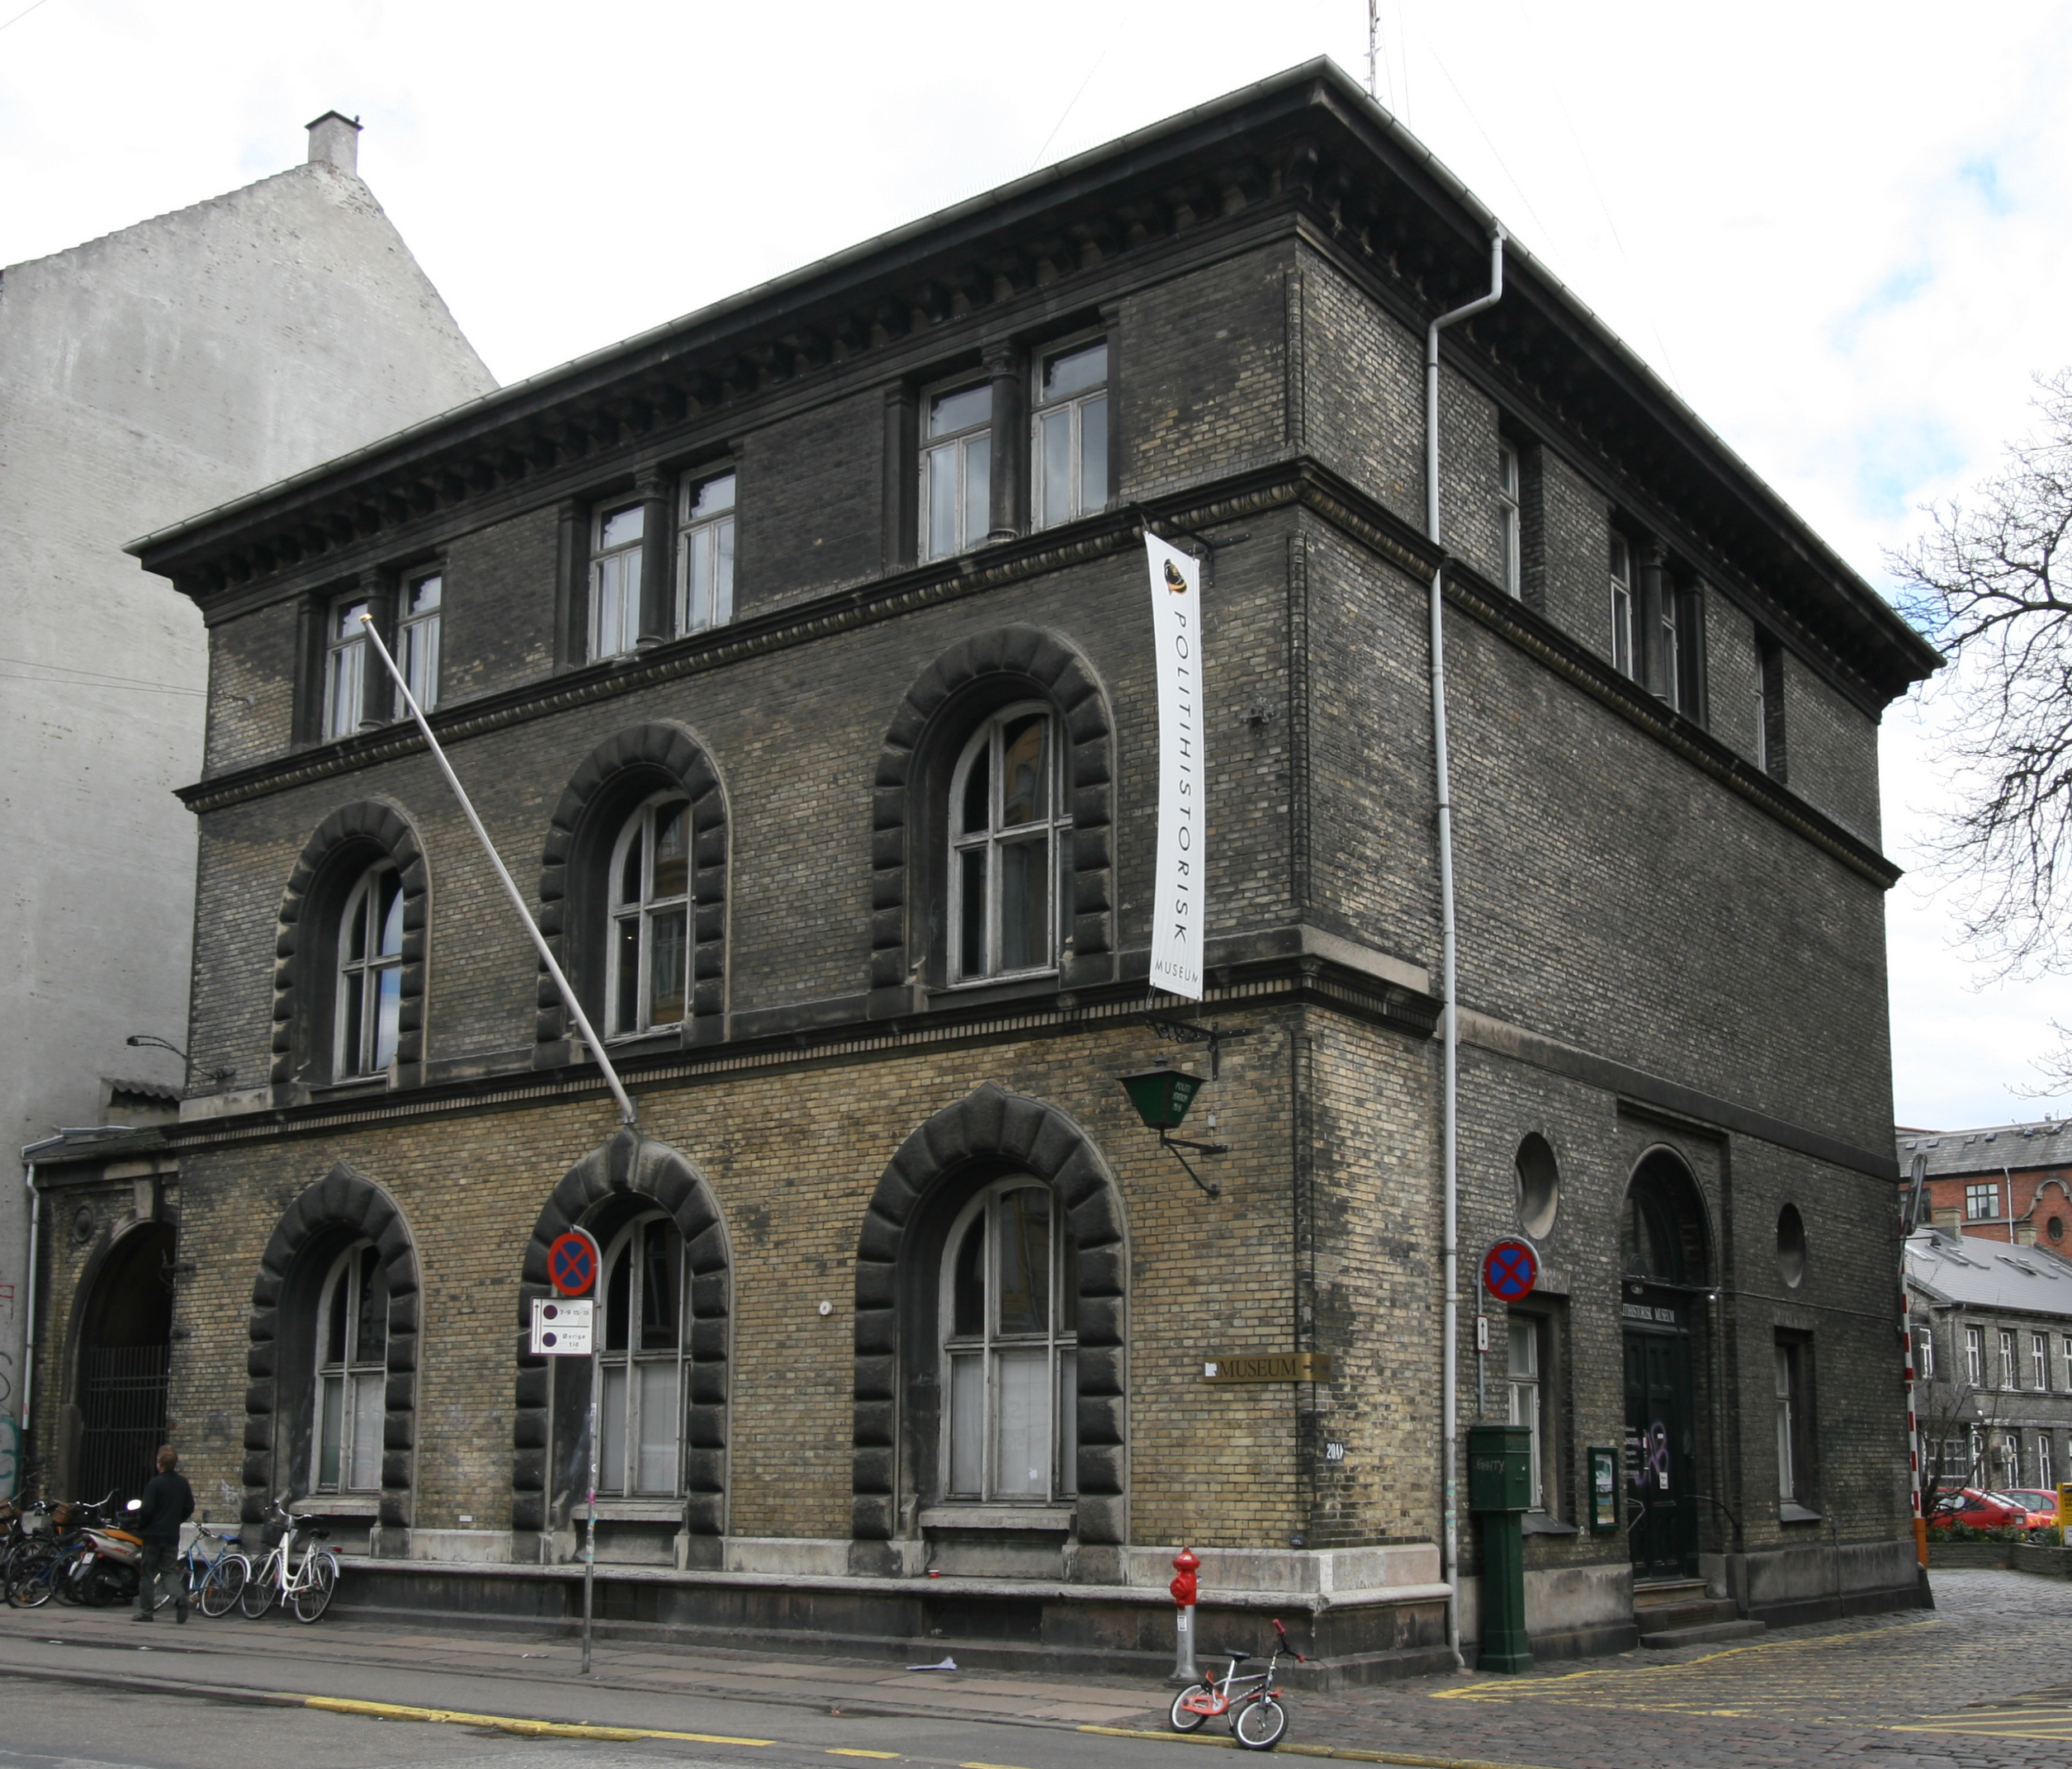 File:Politihistorisk Museum Copenhagen.jpg - Wikimedia Commons